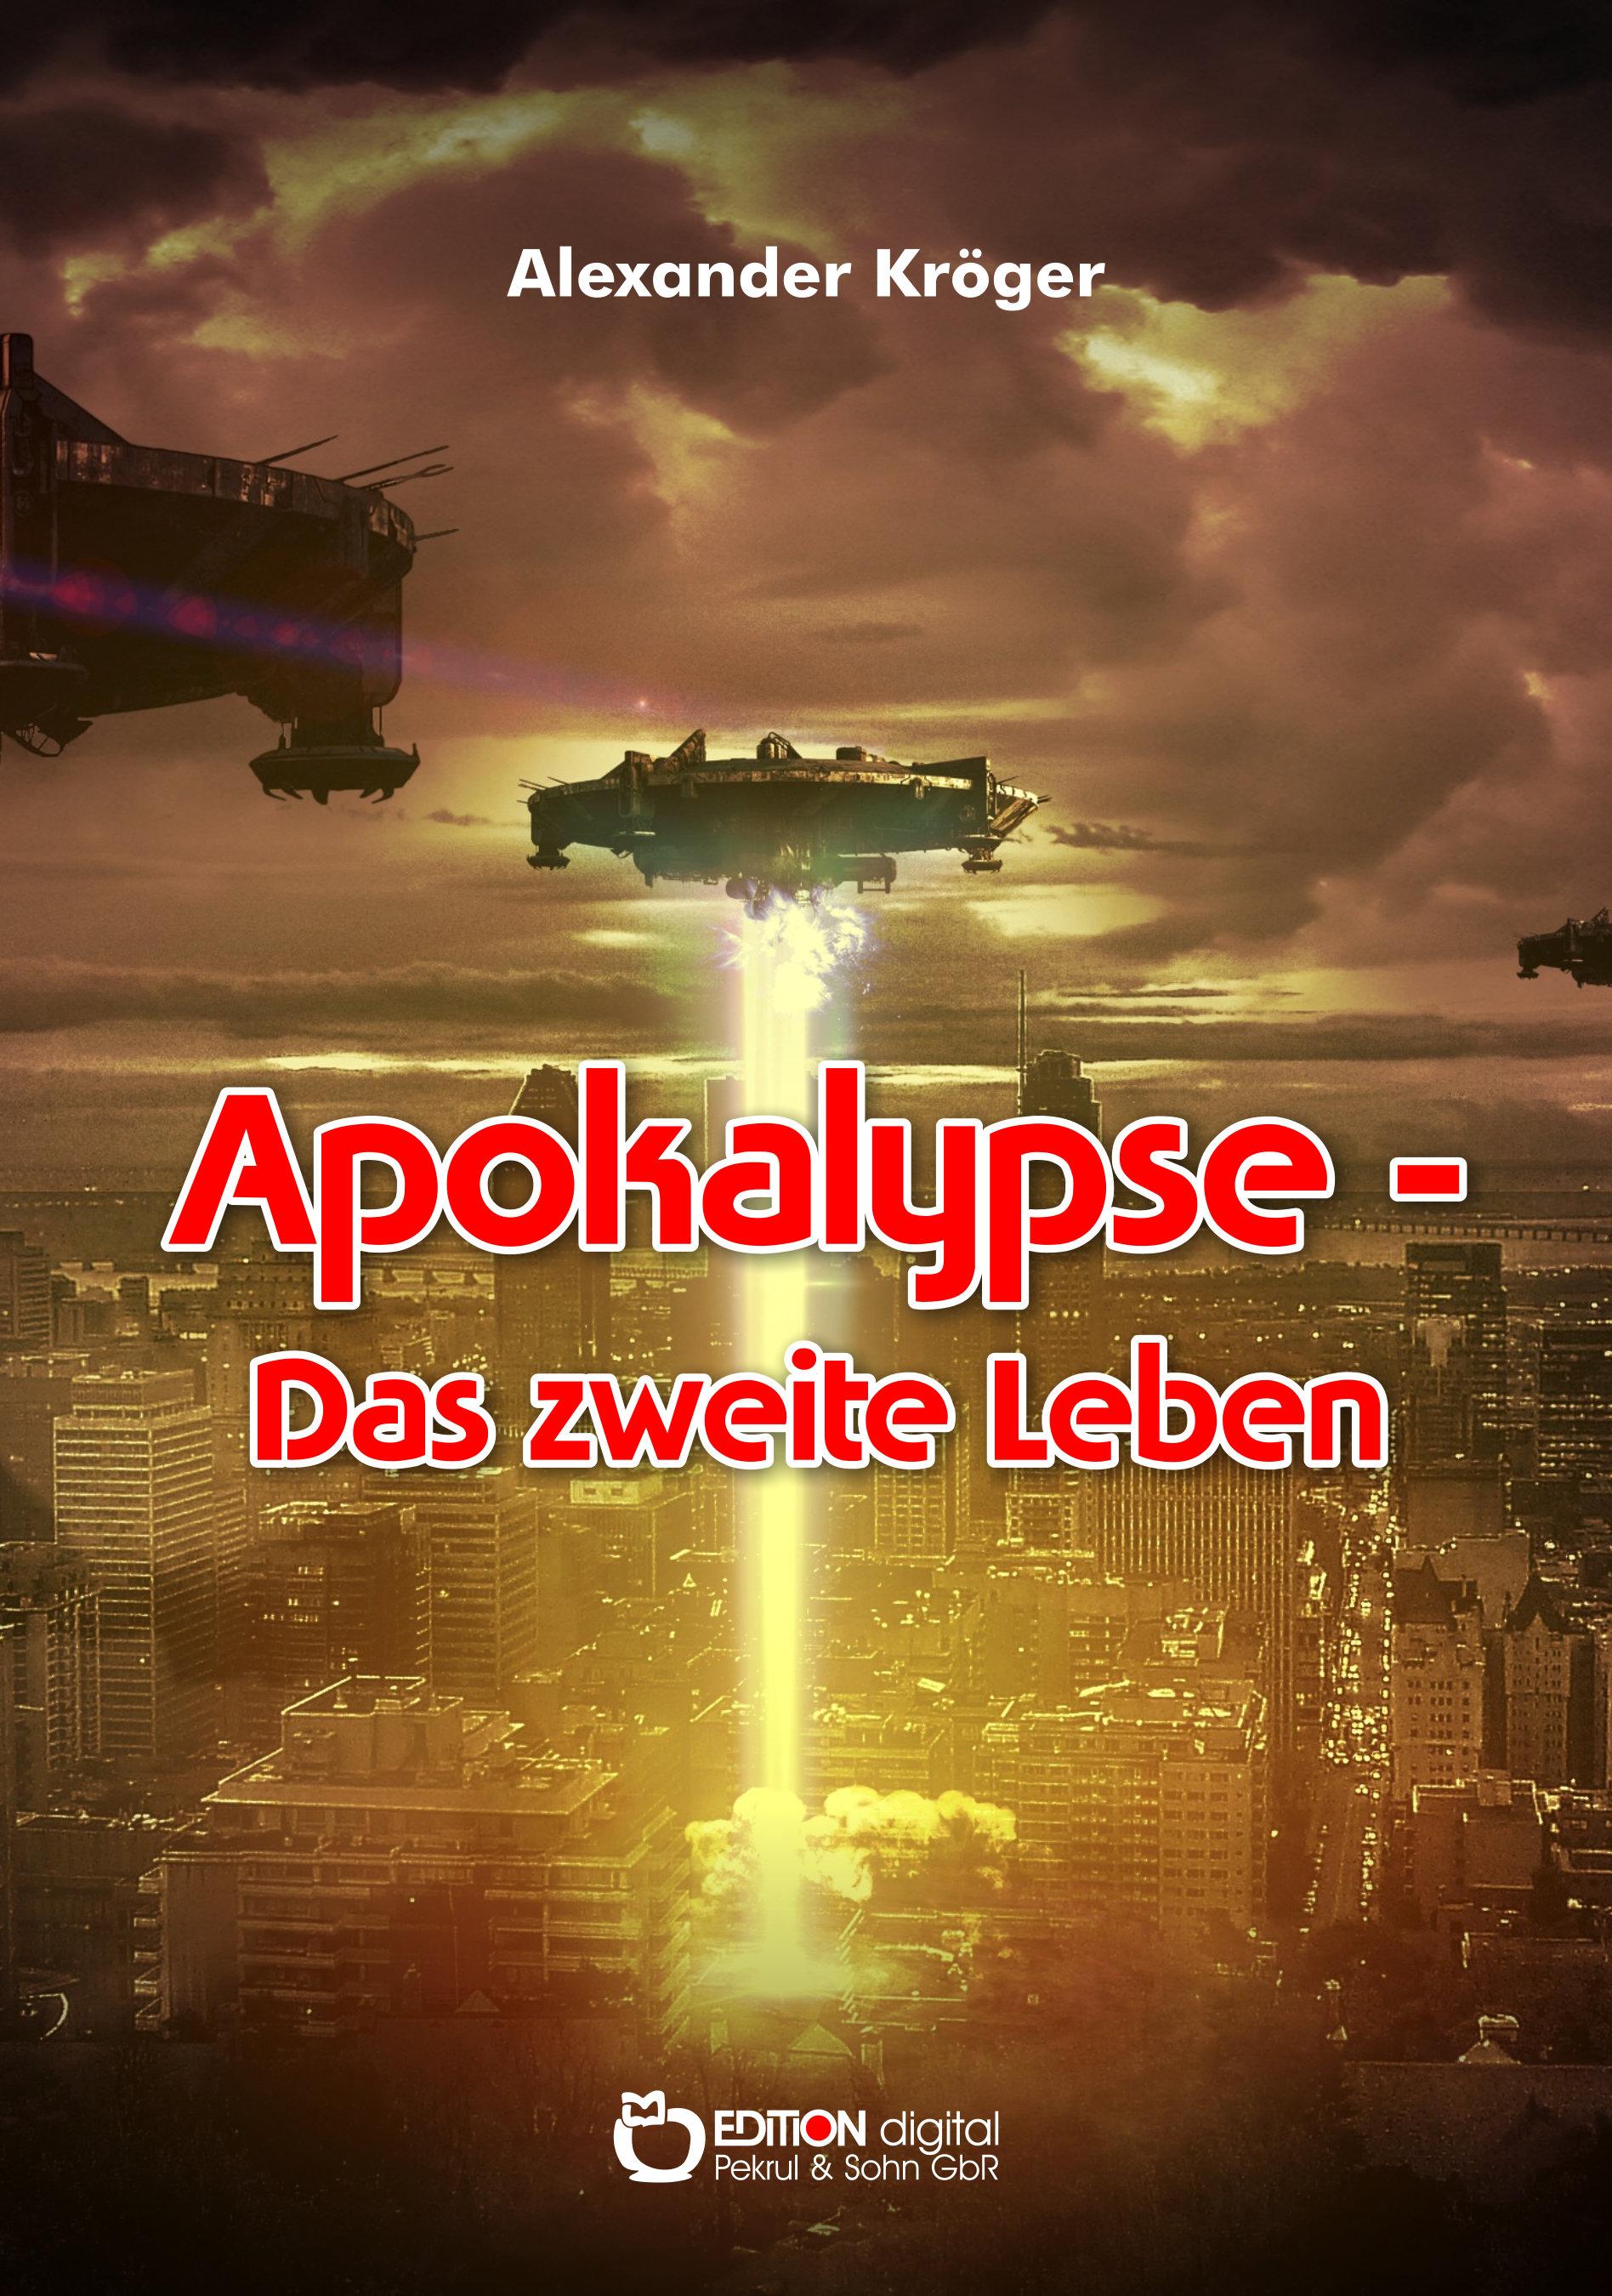 Apokalypse - Das zweite Leben von Alexander Kröger